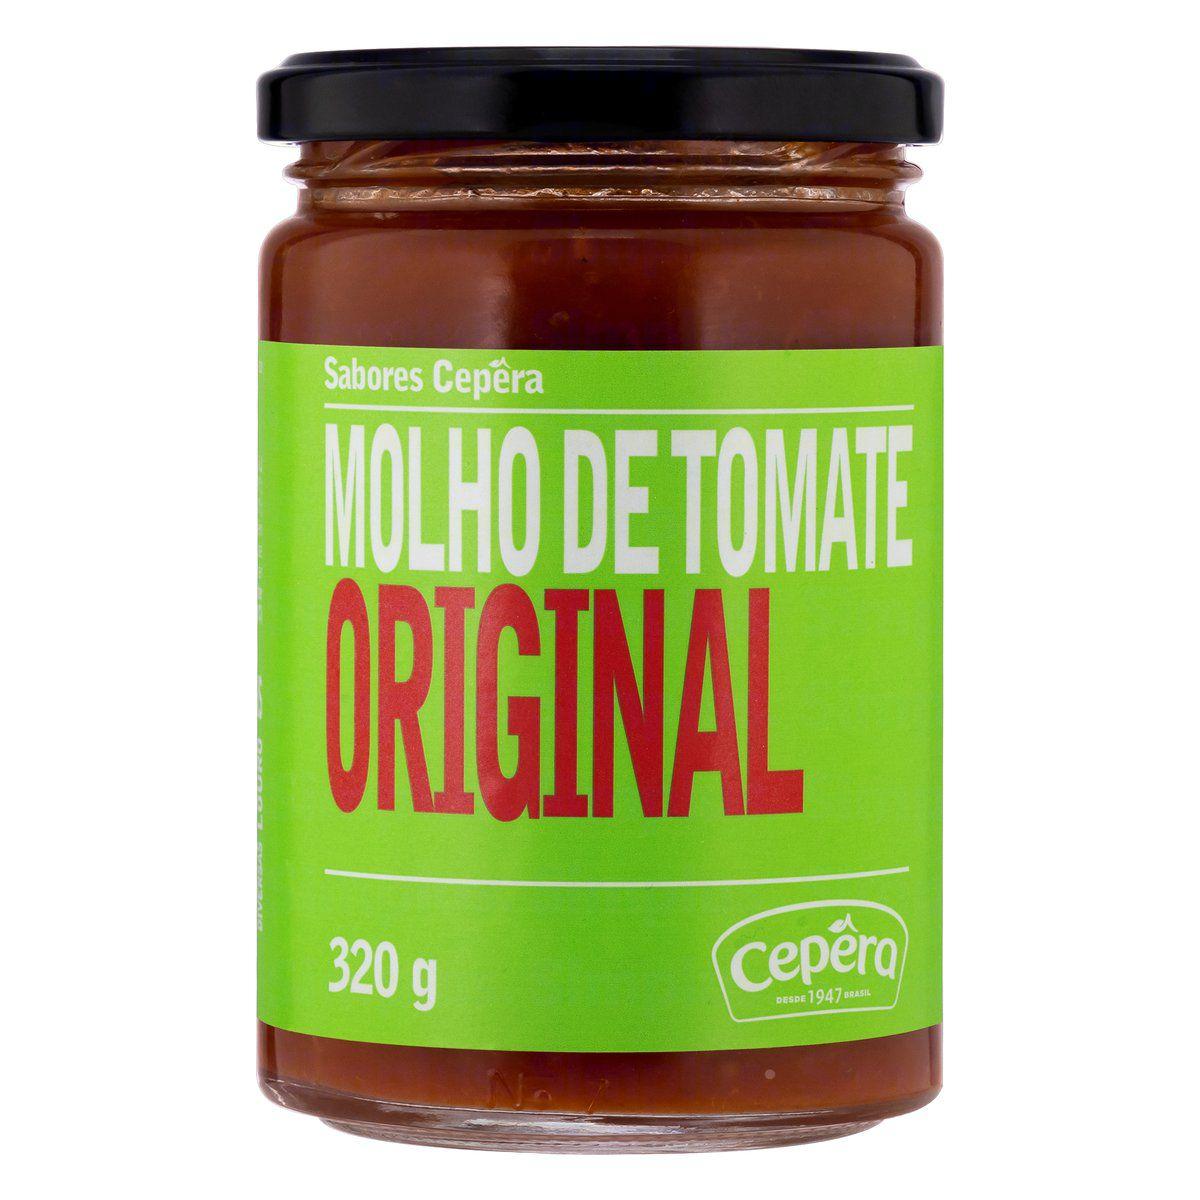 Molho de Tomate Original